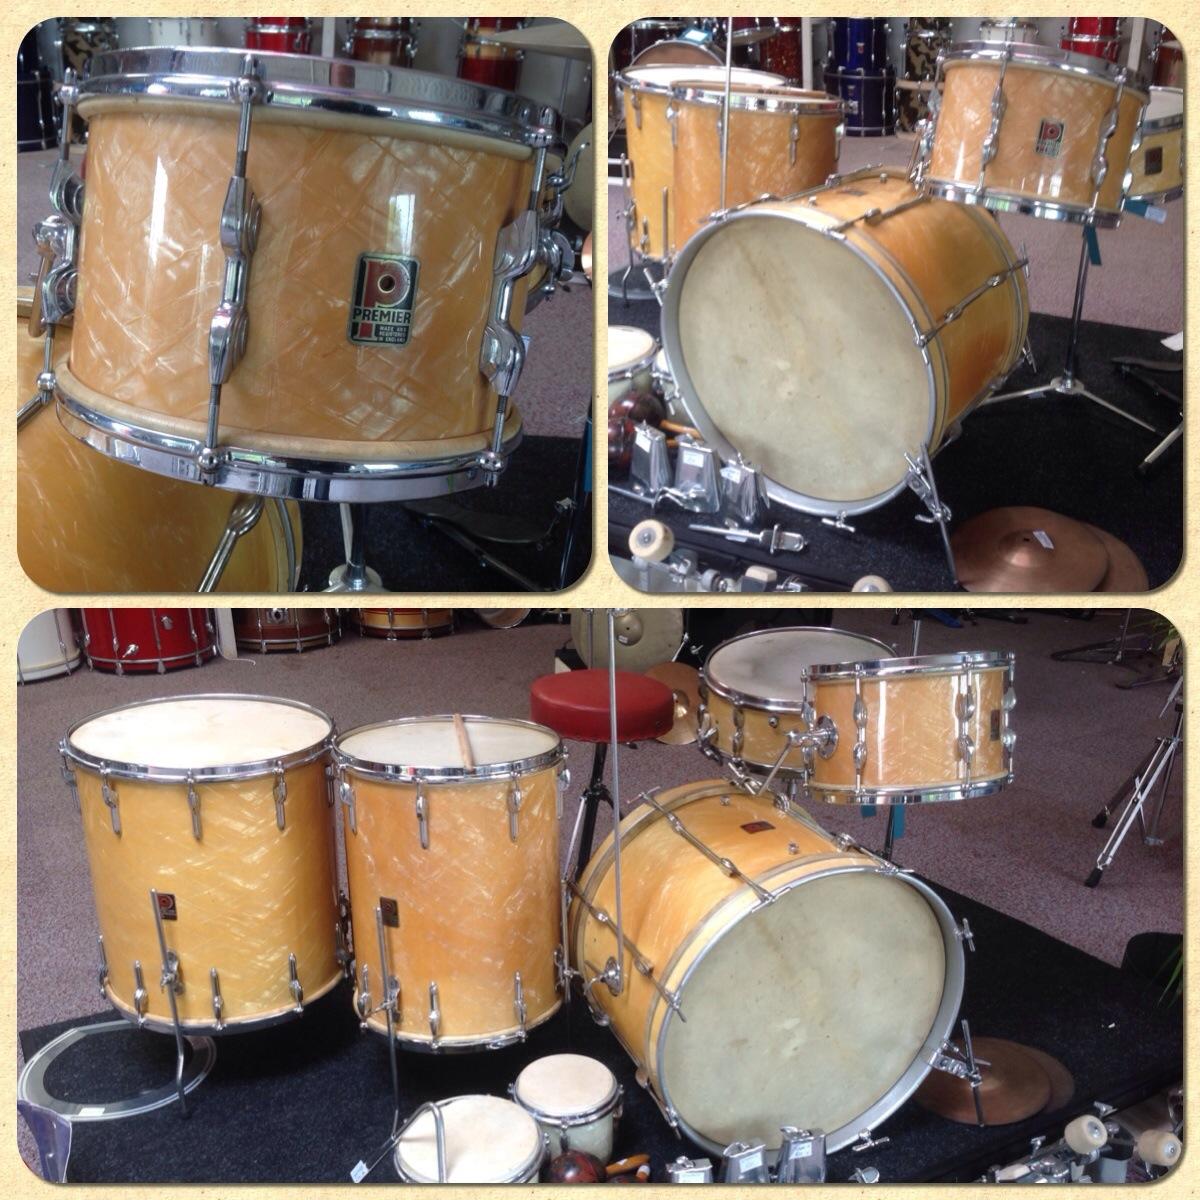 vintage premier drum kit vintage drums legendary sounds. Black Bedroom Furniture Sets. Home Design Ideas